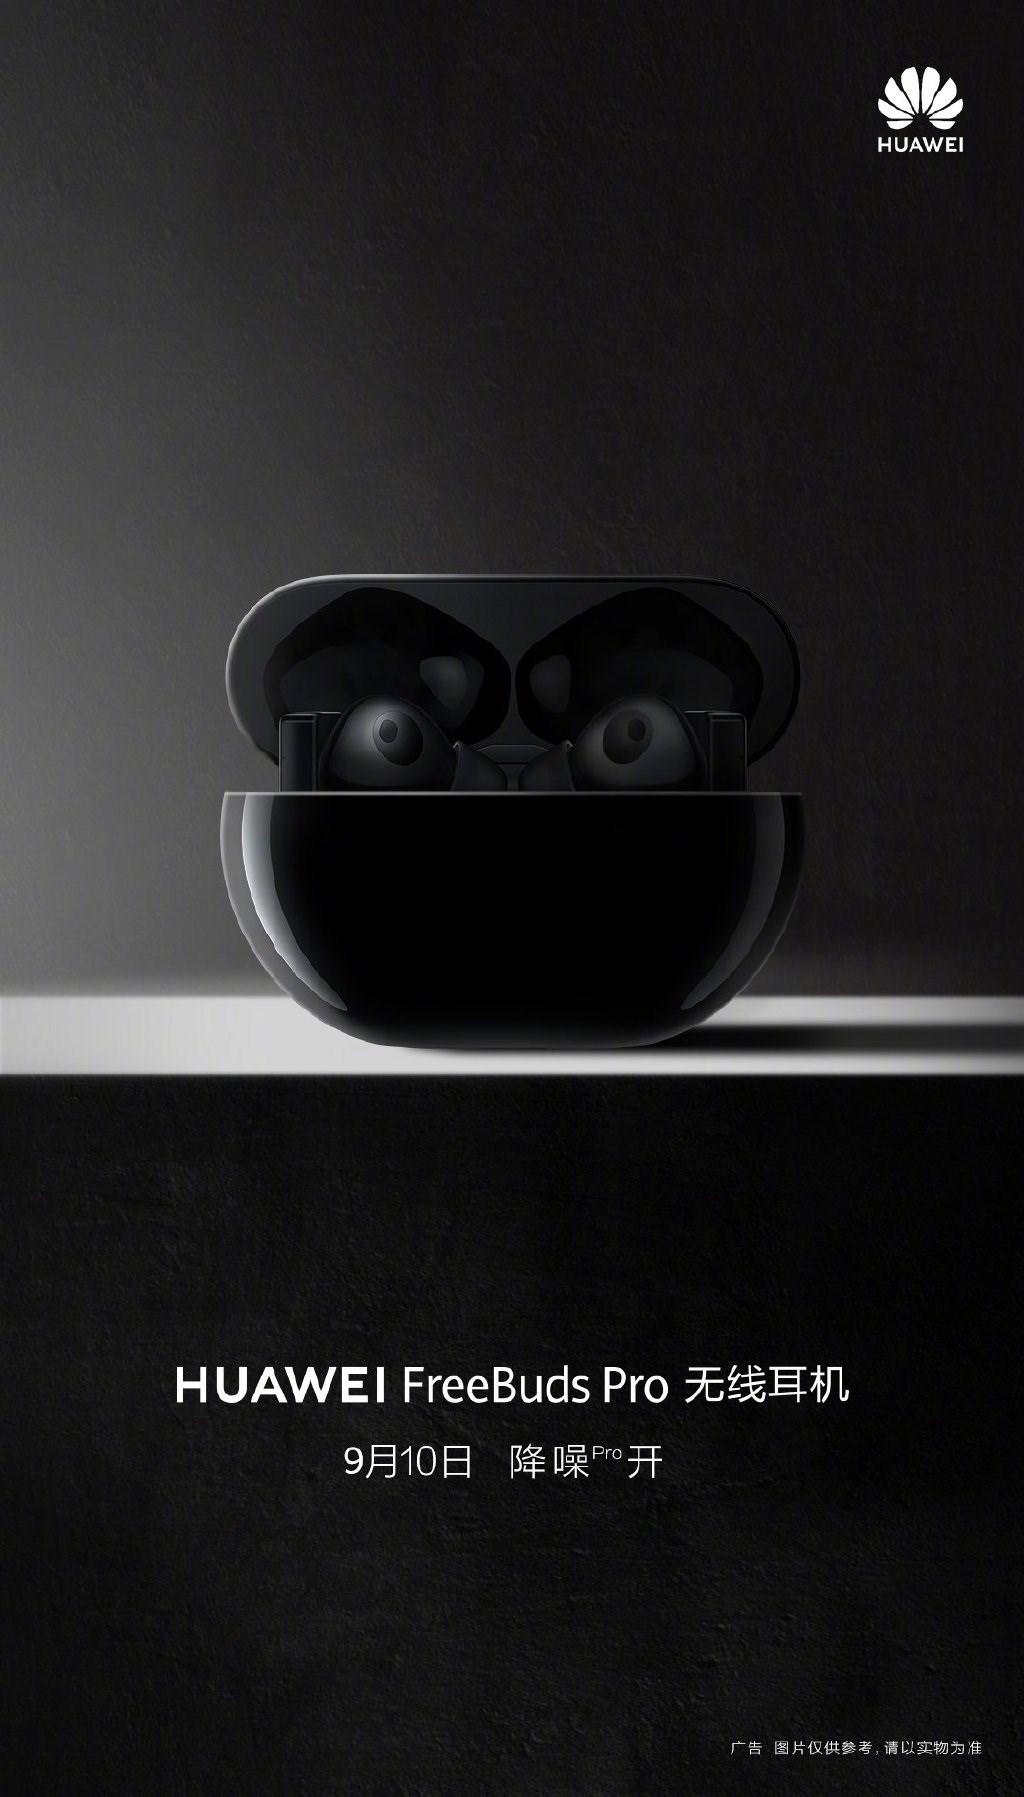 华为Freebuds Pro耳机曝光:入耳式设计+长方形耳机柄